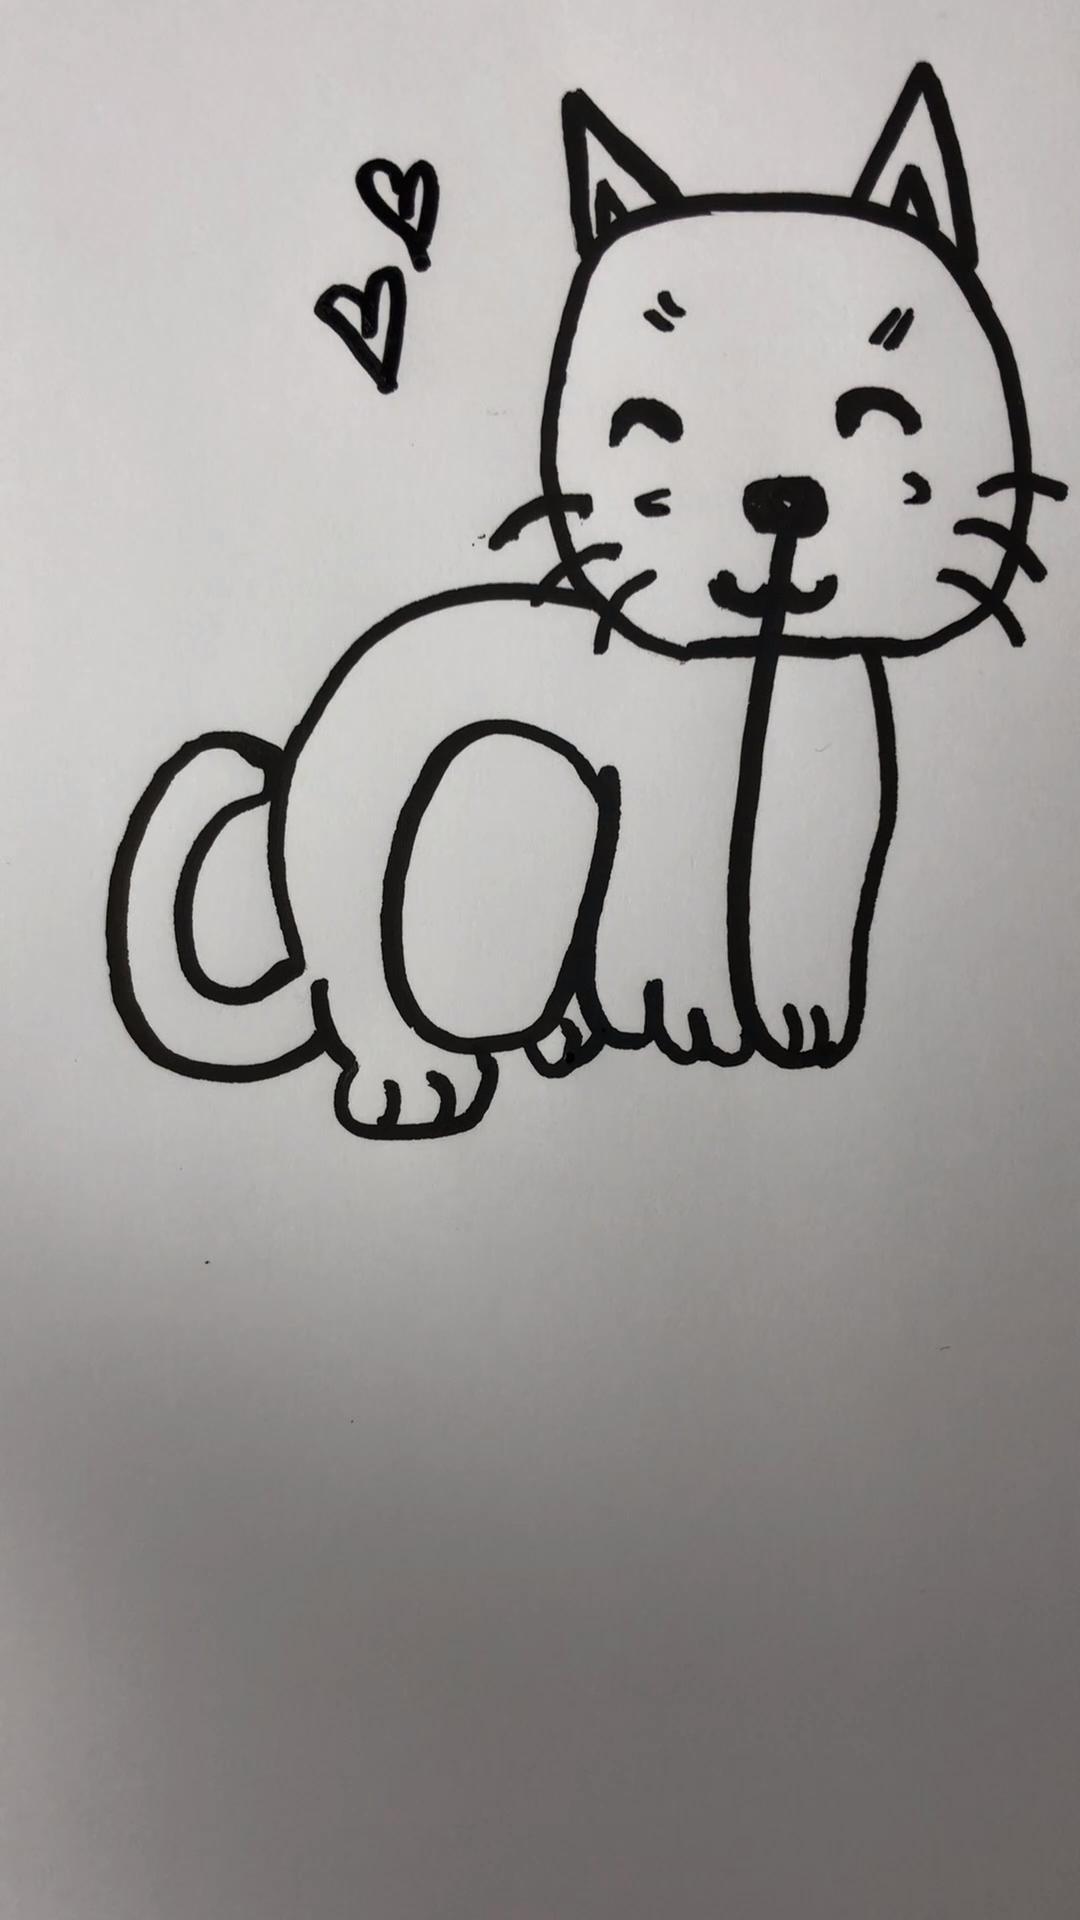 Eine Katze Einfach Zeichnen How To Draw A Cat Cat Draw Eine Einfach Katze Zeichnen Kitten Drawing Cartoon Cat Drawing Simple Cat Drawing